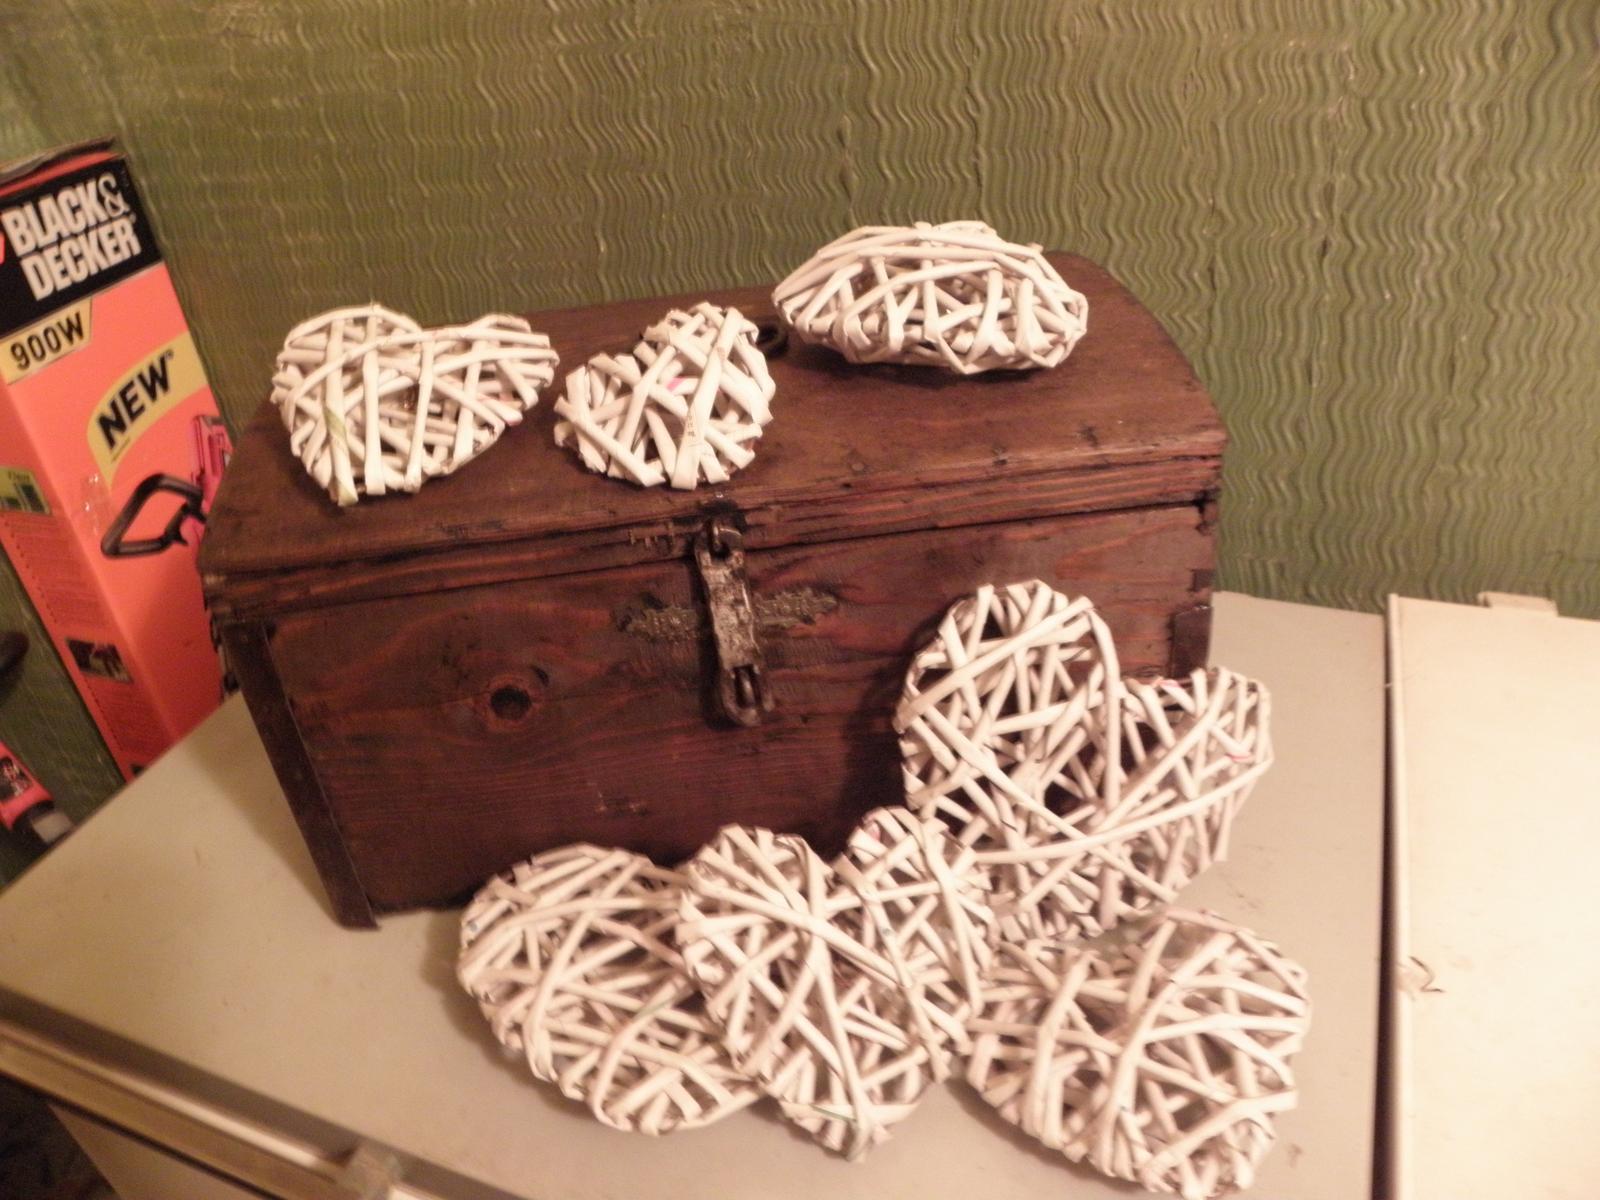 Selská svatba + Má tvorba - A moje další kupka pletených srdíček... Už jich mám 11... takže... zhruba tak půlka.. :)